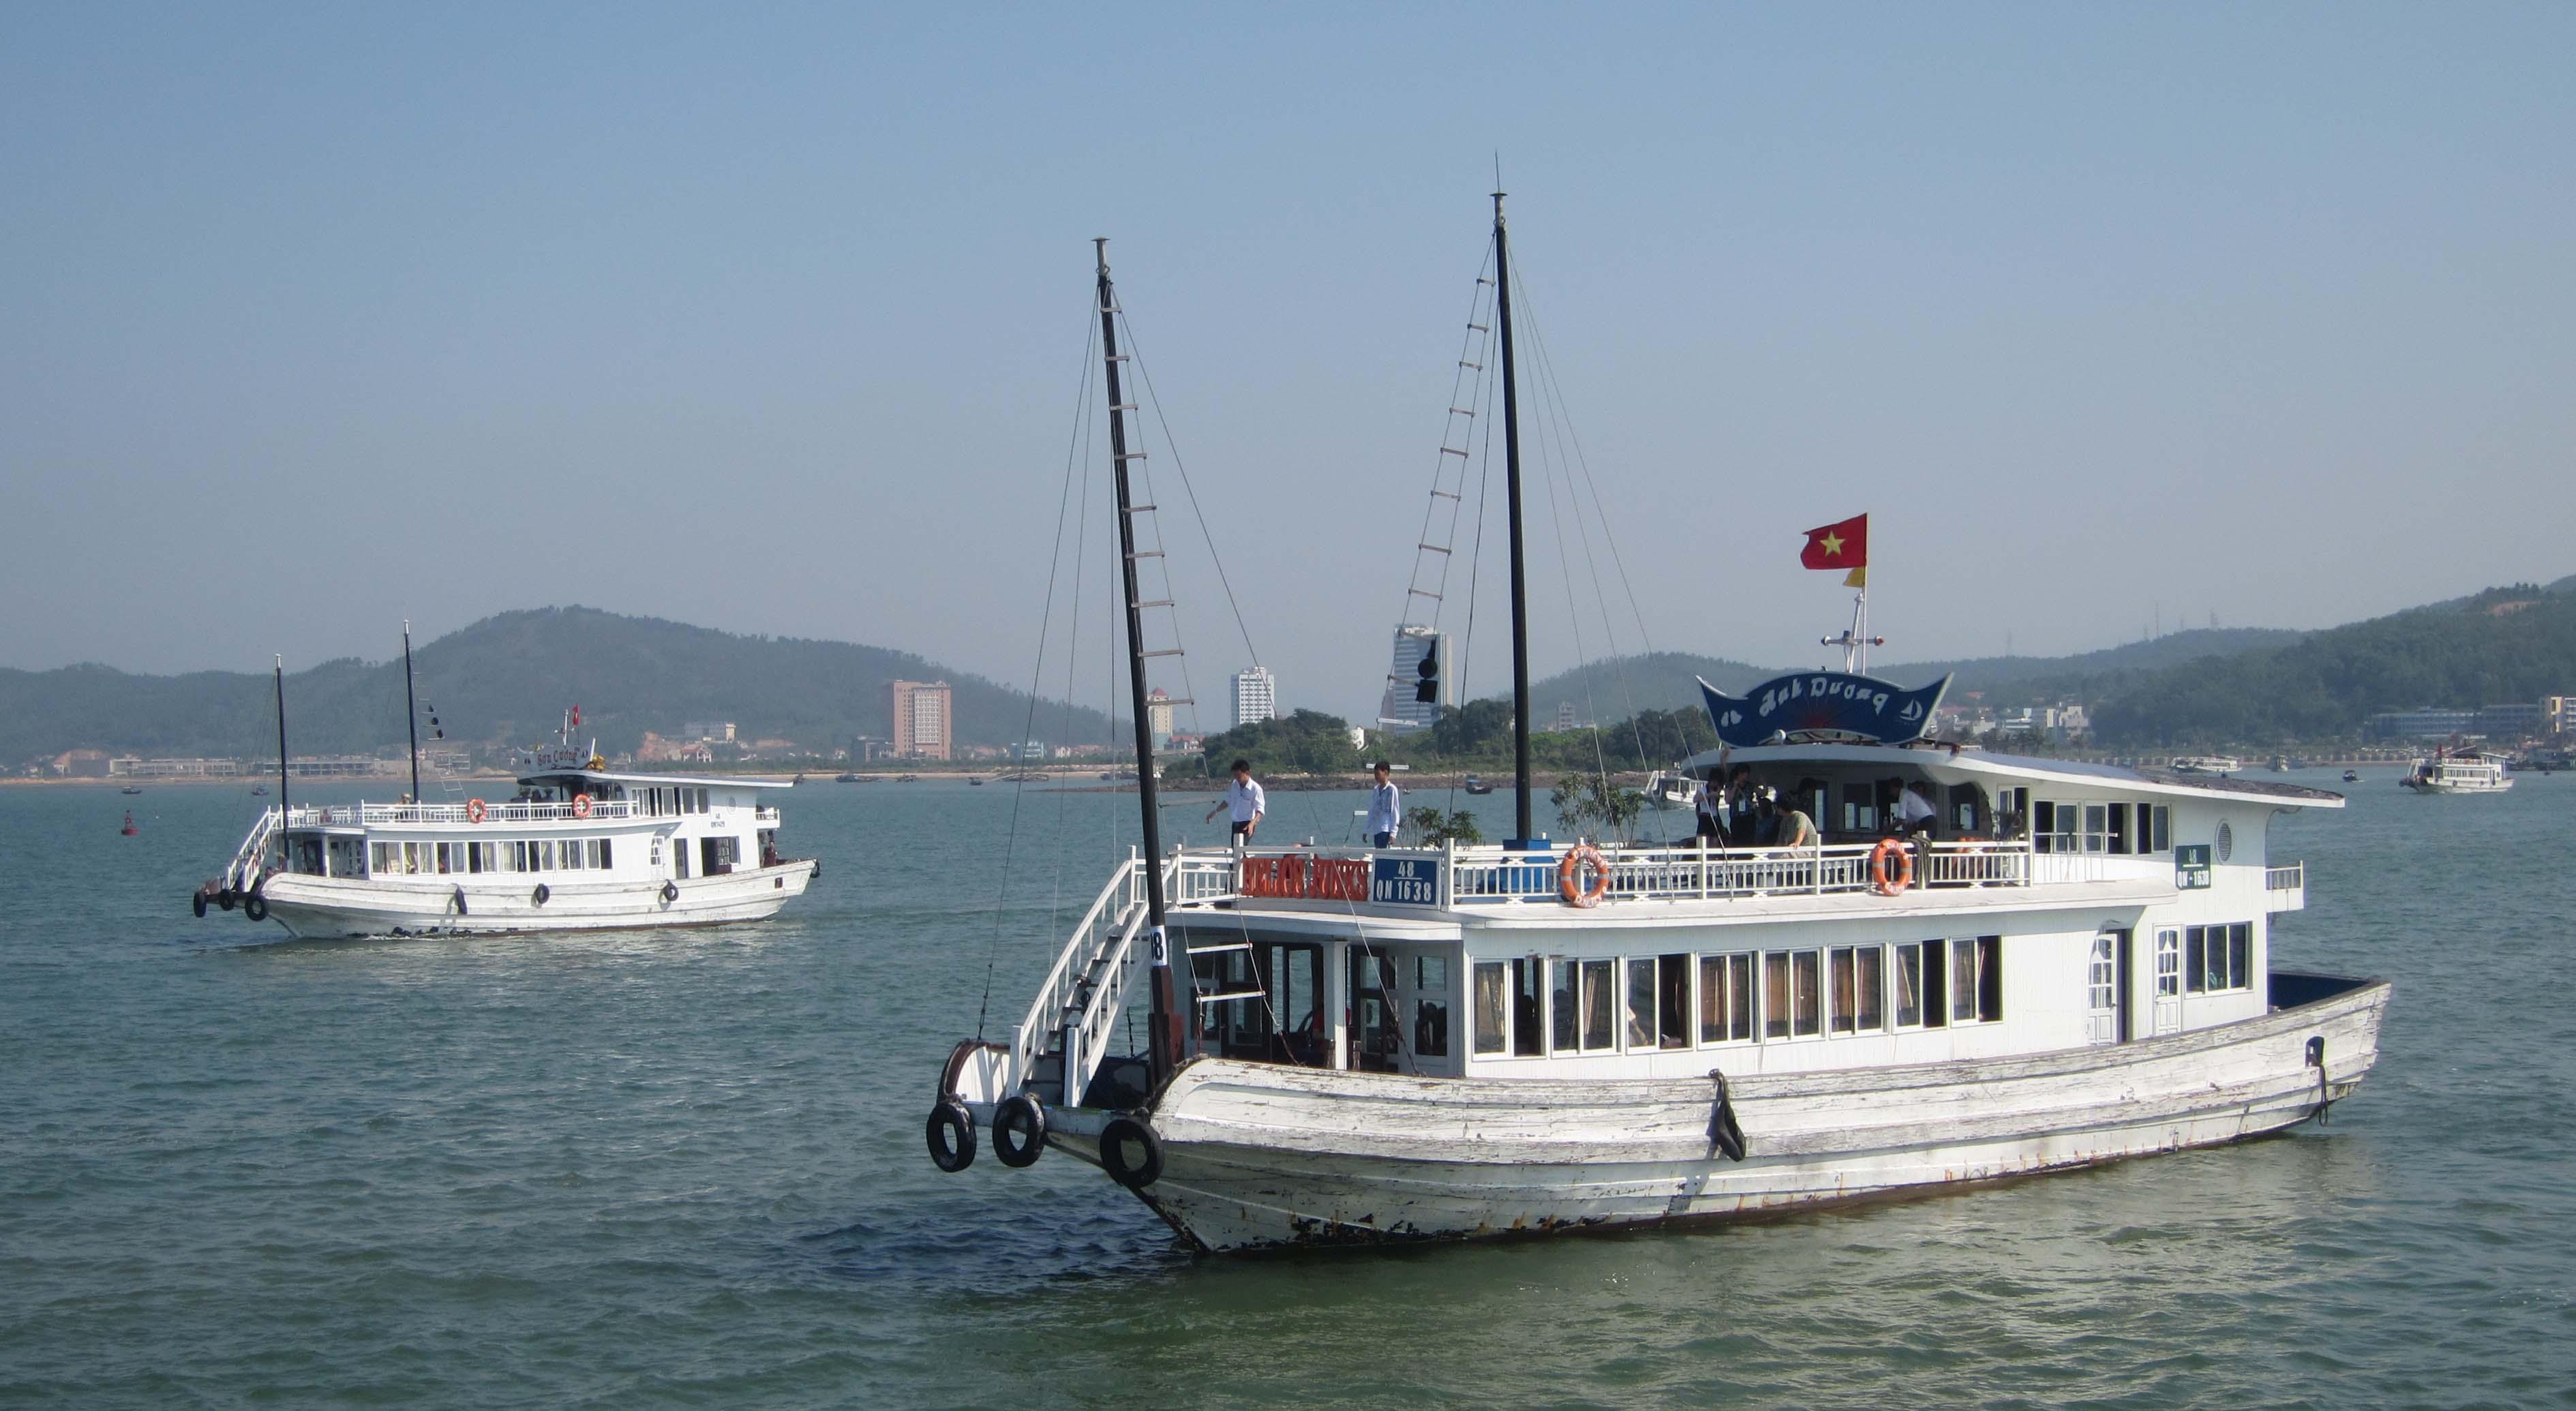 Tổng kiểm tra các tàu du lịch trên vịnh Hạ Long và Bái Tử Long